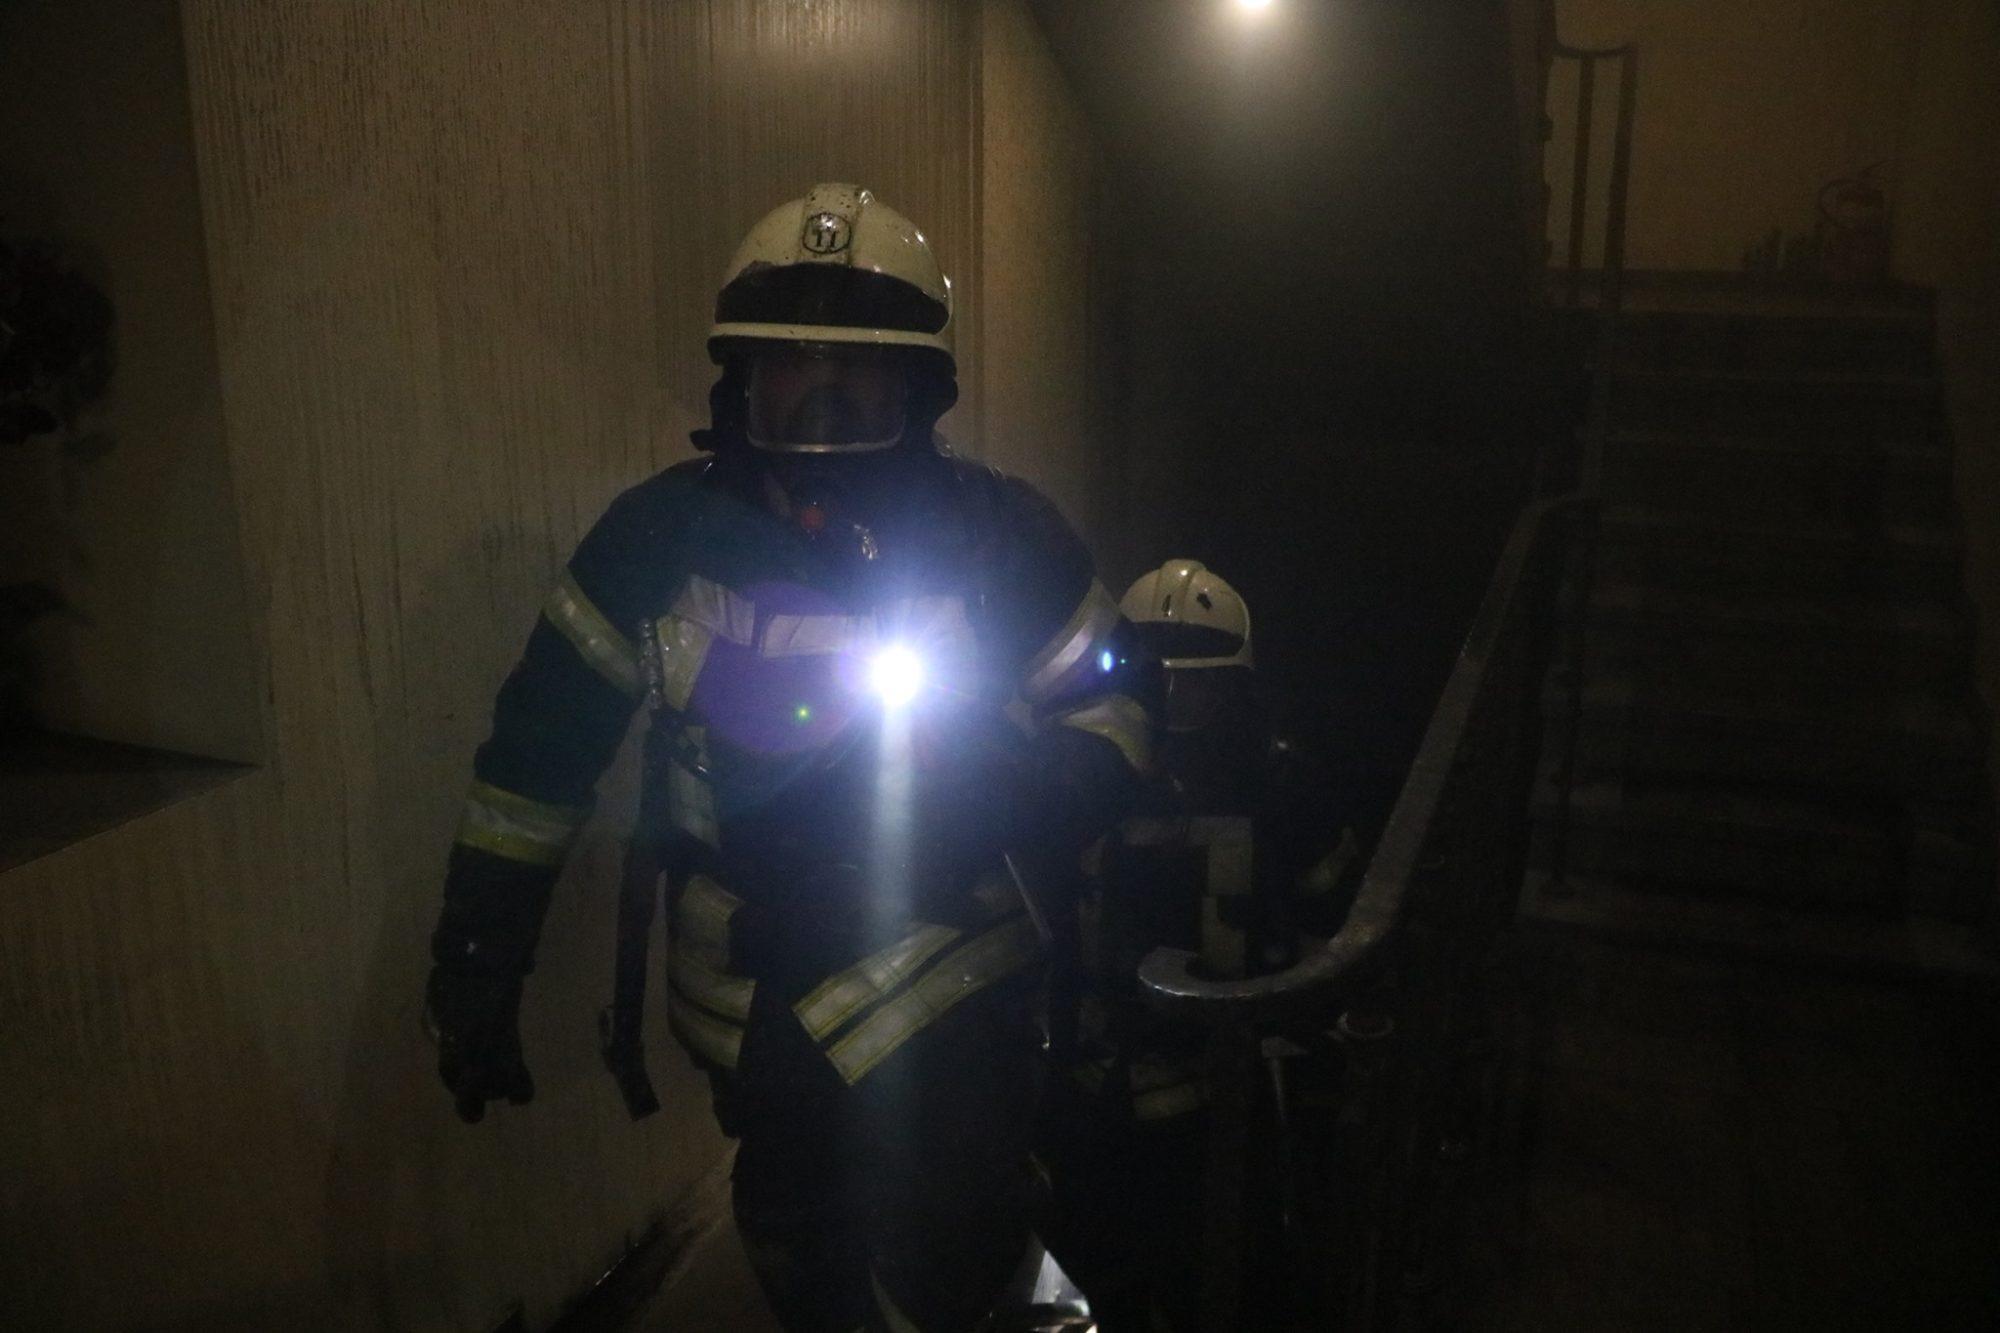 Київ: під час гасіння пожежі в готелі, евакуйовали людей - загоряння, готель - 123717848 3464866860259898 2614640657334025566 o 2000x1333